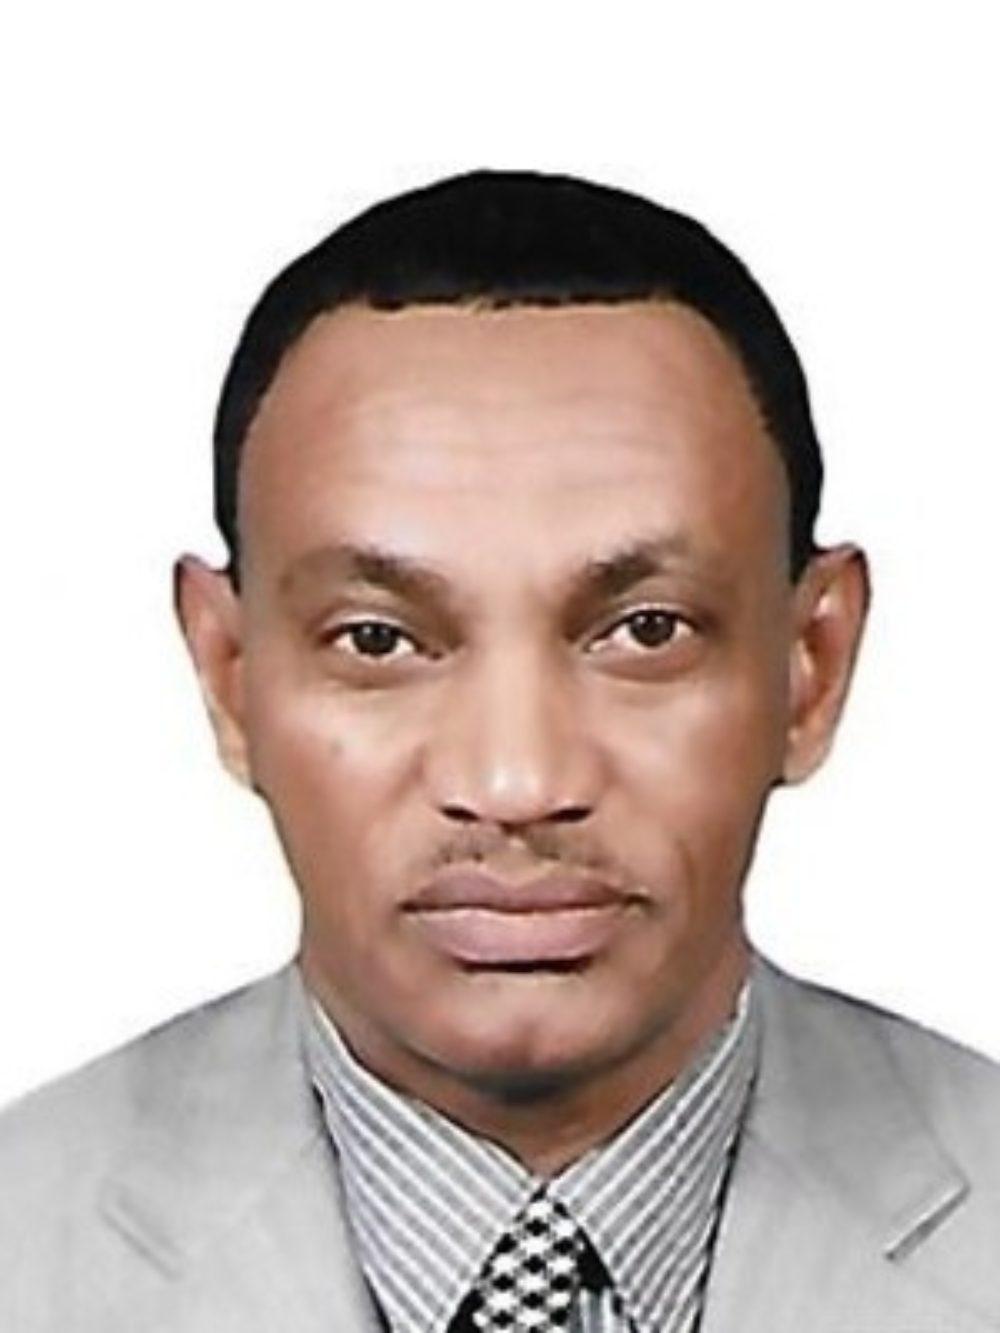 Ahmad Sikainga